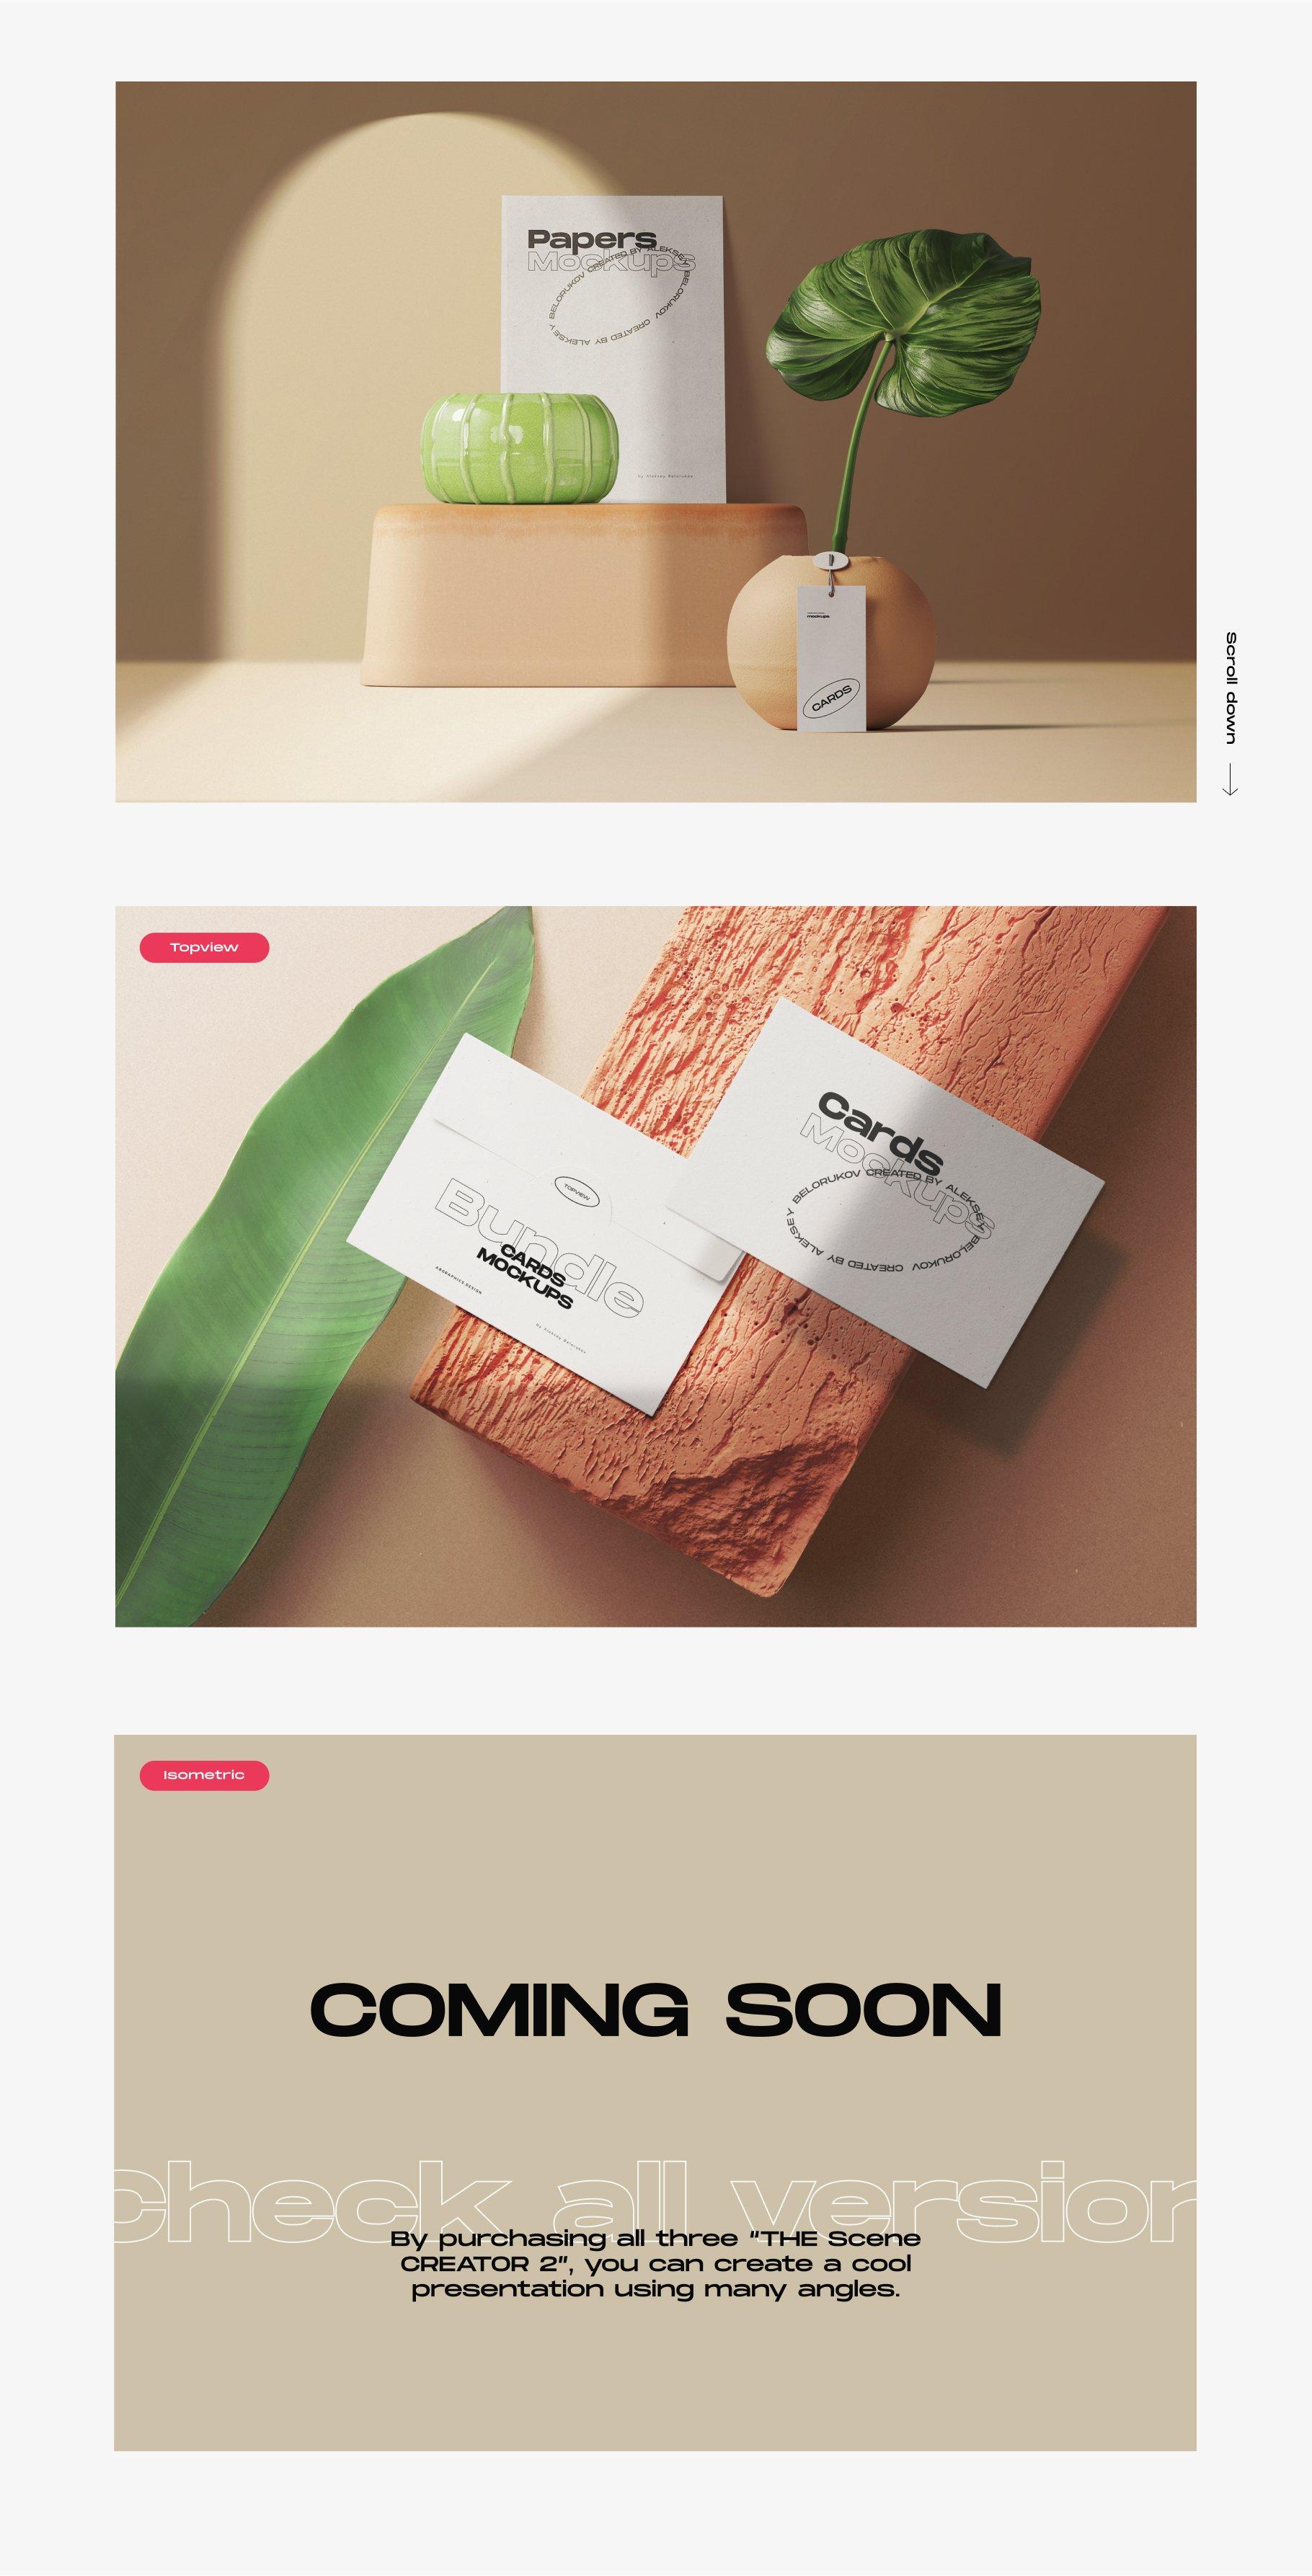 [淘宝购买] 超大品牌VI包装设计PS智能贴图样机模板素材 The Scene Creator 2 / Frontview插图(2)